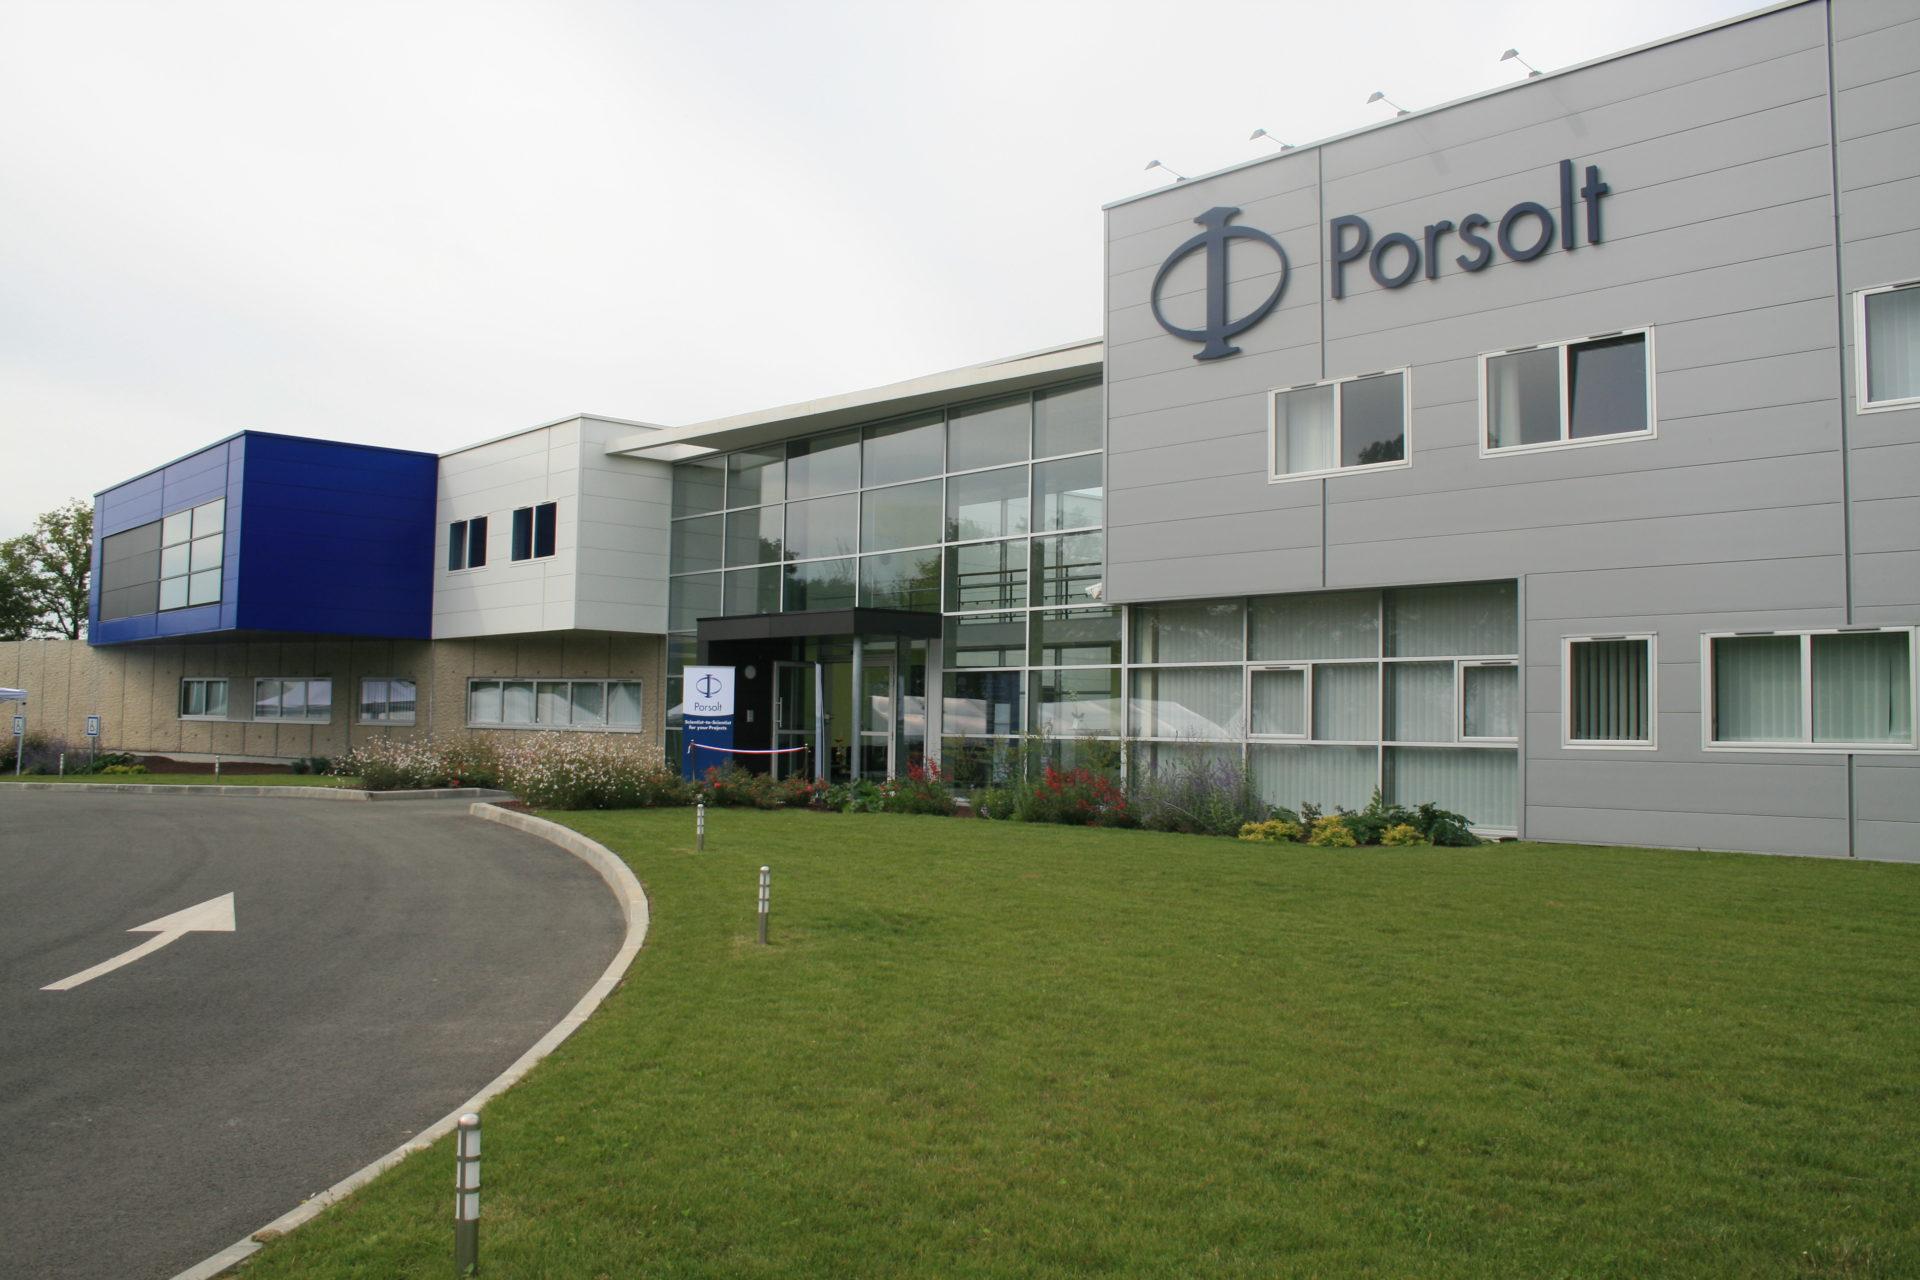 Porsolt à Laval (53)